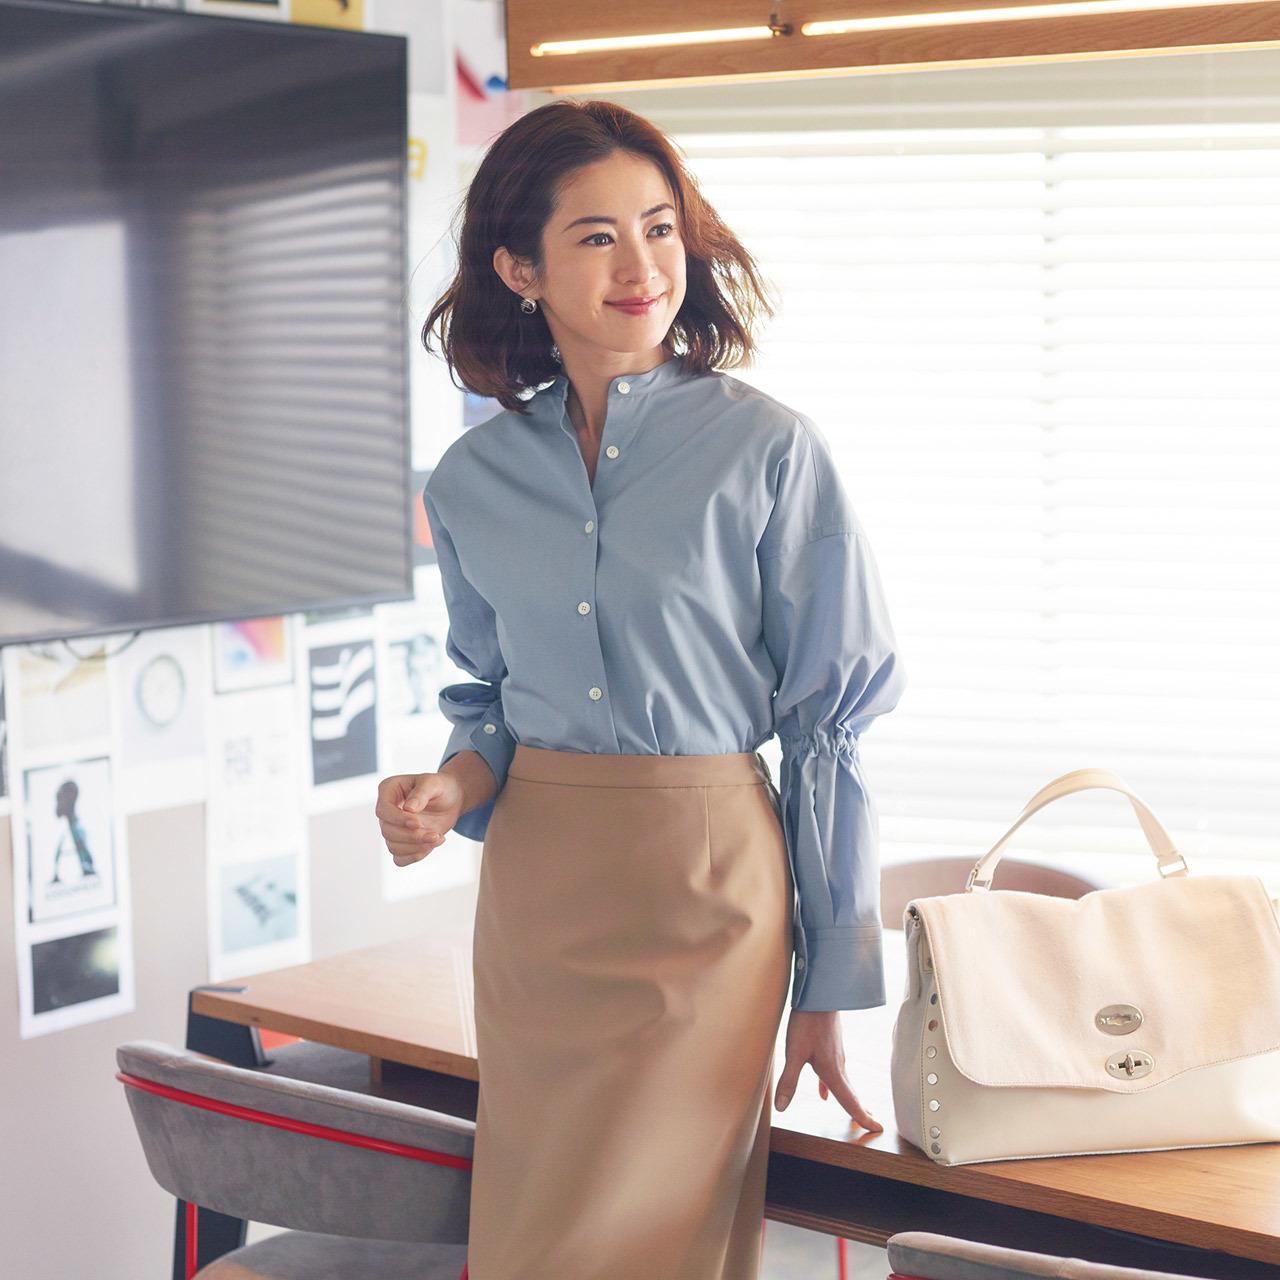 シャツ+タイトスカートという黄金スタイリングも、袖のギャザーデザインで凝った印象に。